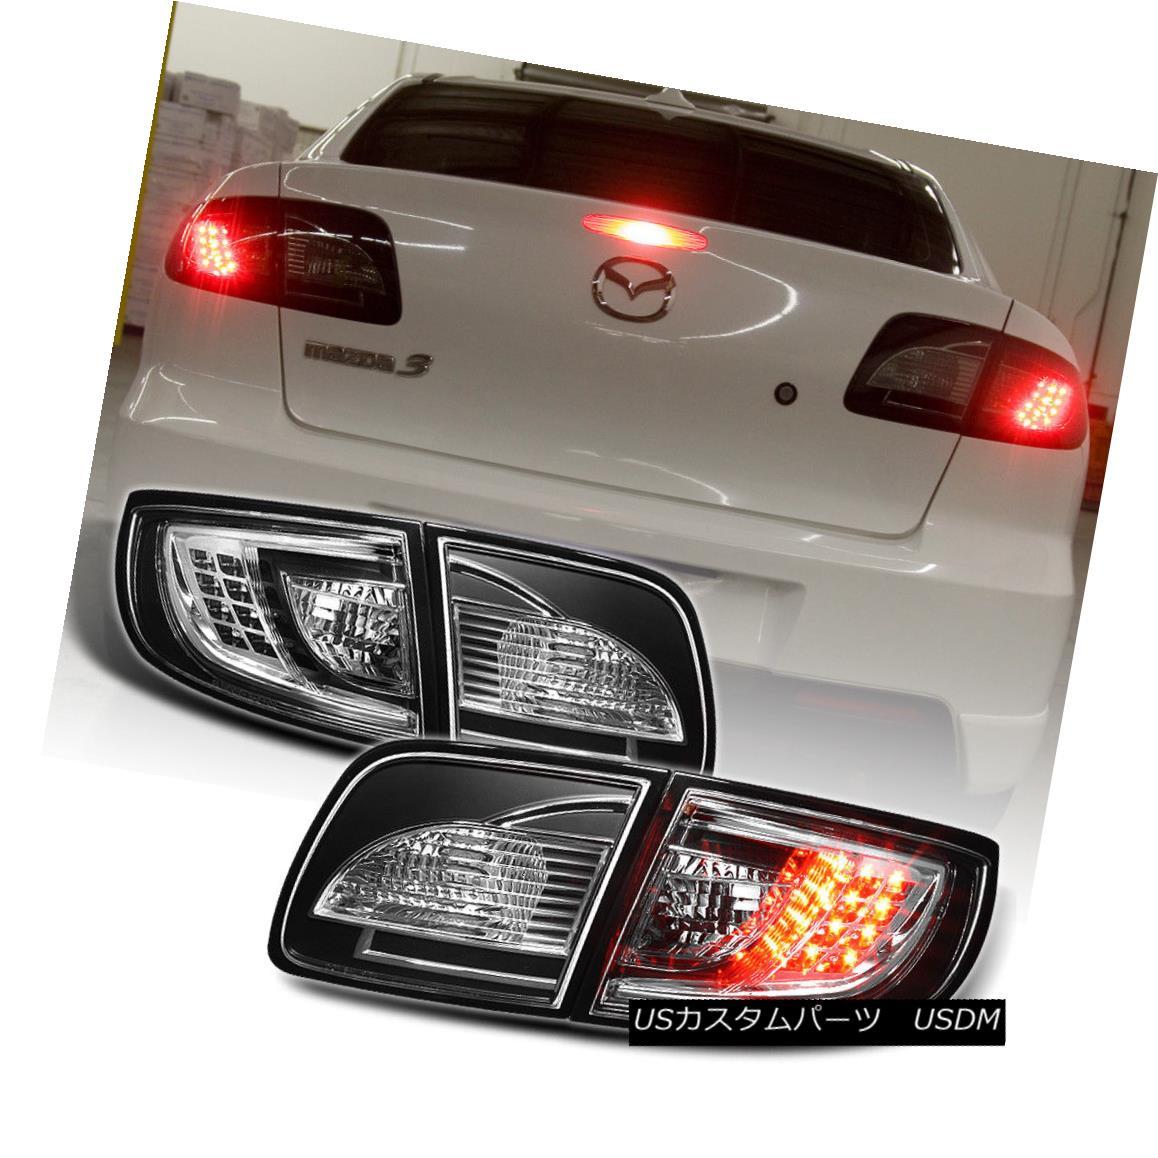 テールライト Black 2003-2008 Mazda 3 Mazda3 Lumileds LED Tail Lights Brake Lamps Left+Right 黒2003-2008マツダ3 Mazda3 Lumileds LEDテールライトブレーキランプ左+右